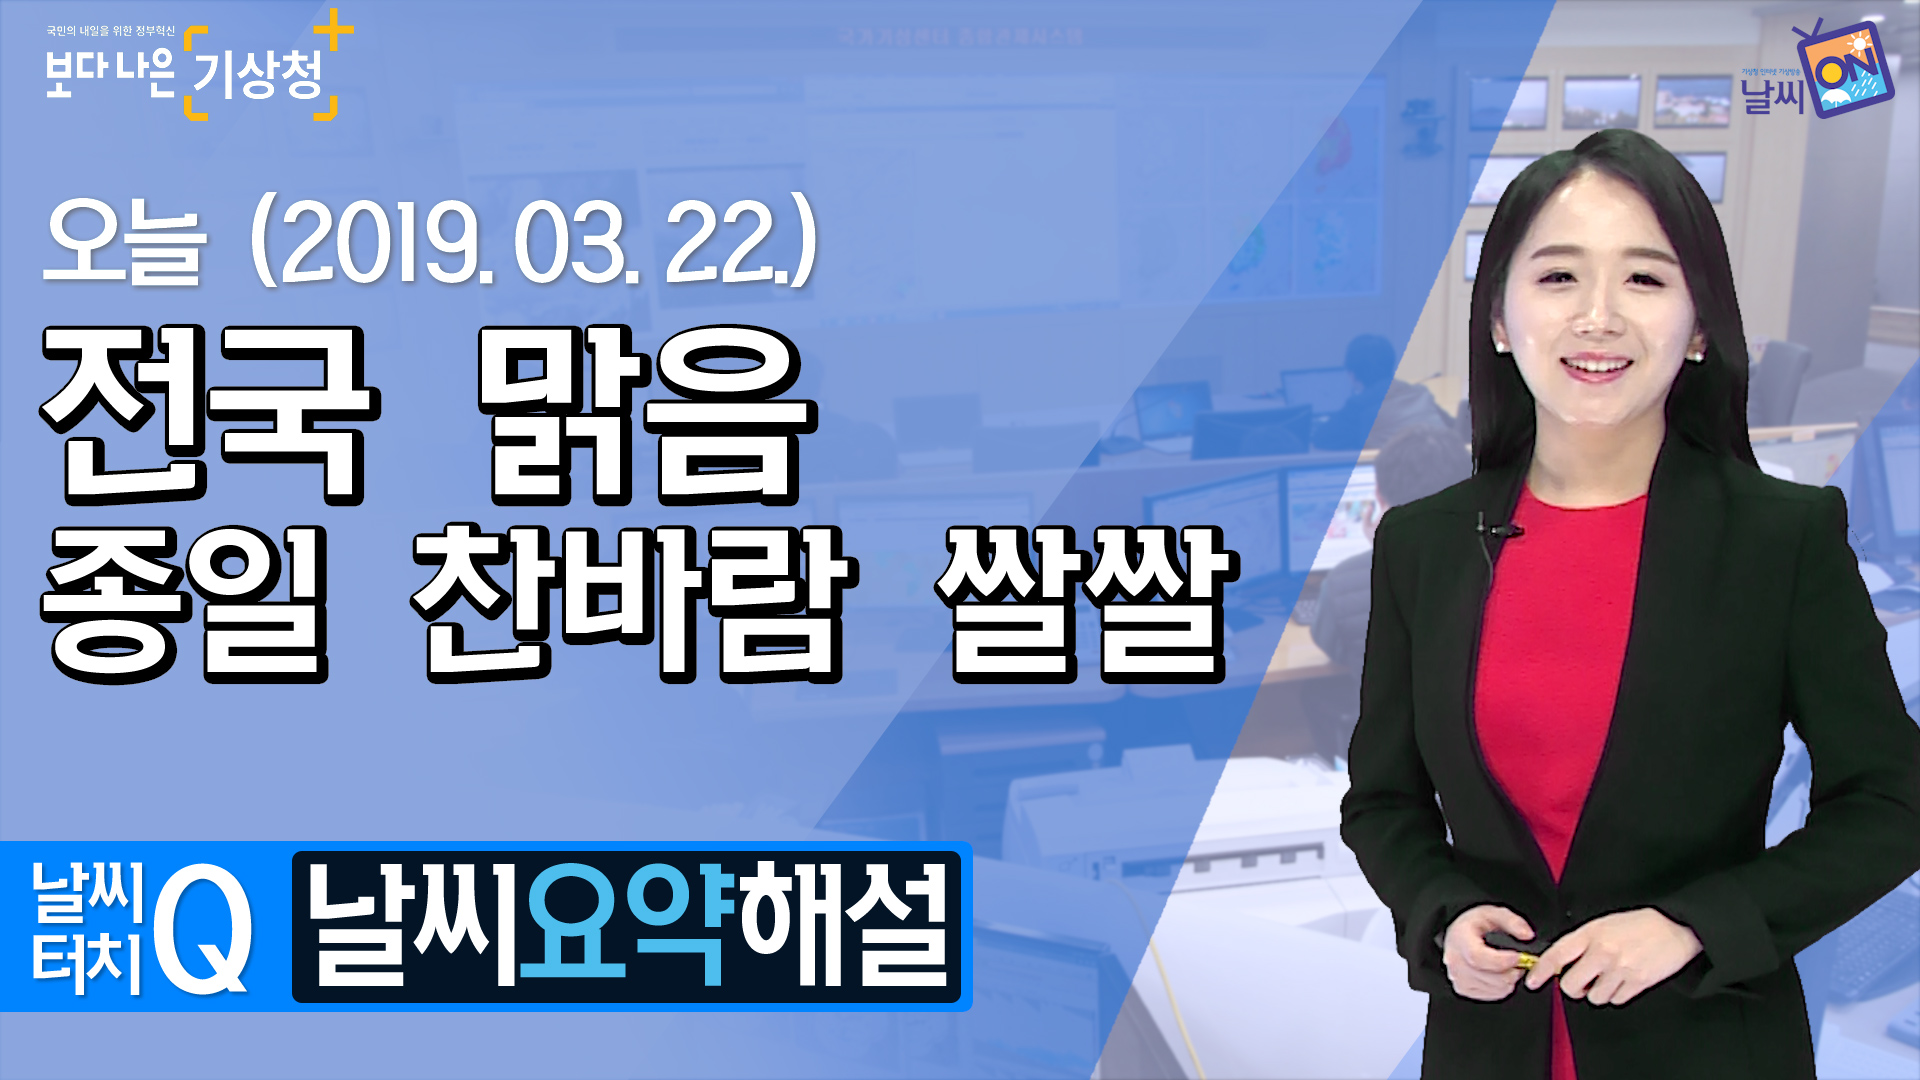 [11시] 3월 22일(금) 전국 맑음, 종일 찬바람 쌀쌀